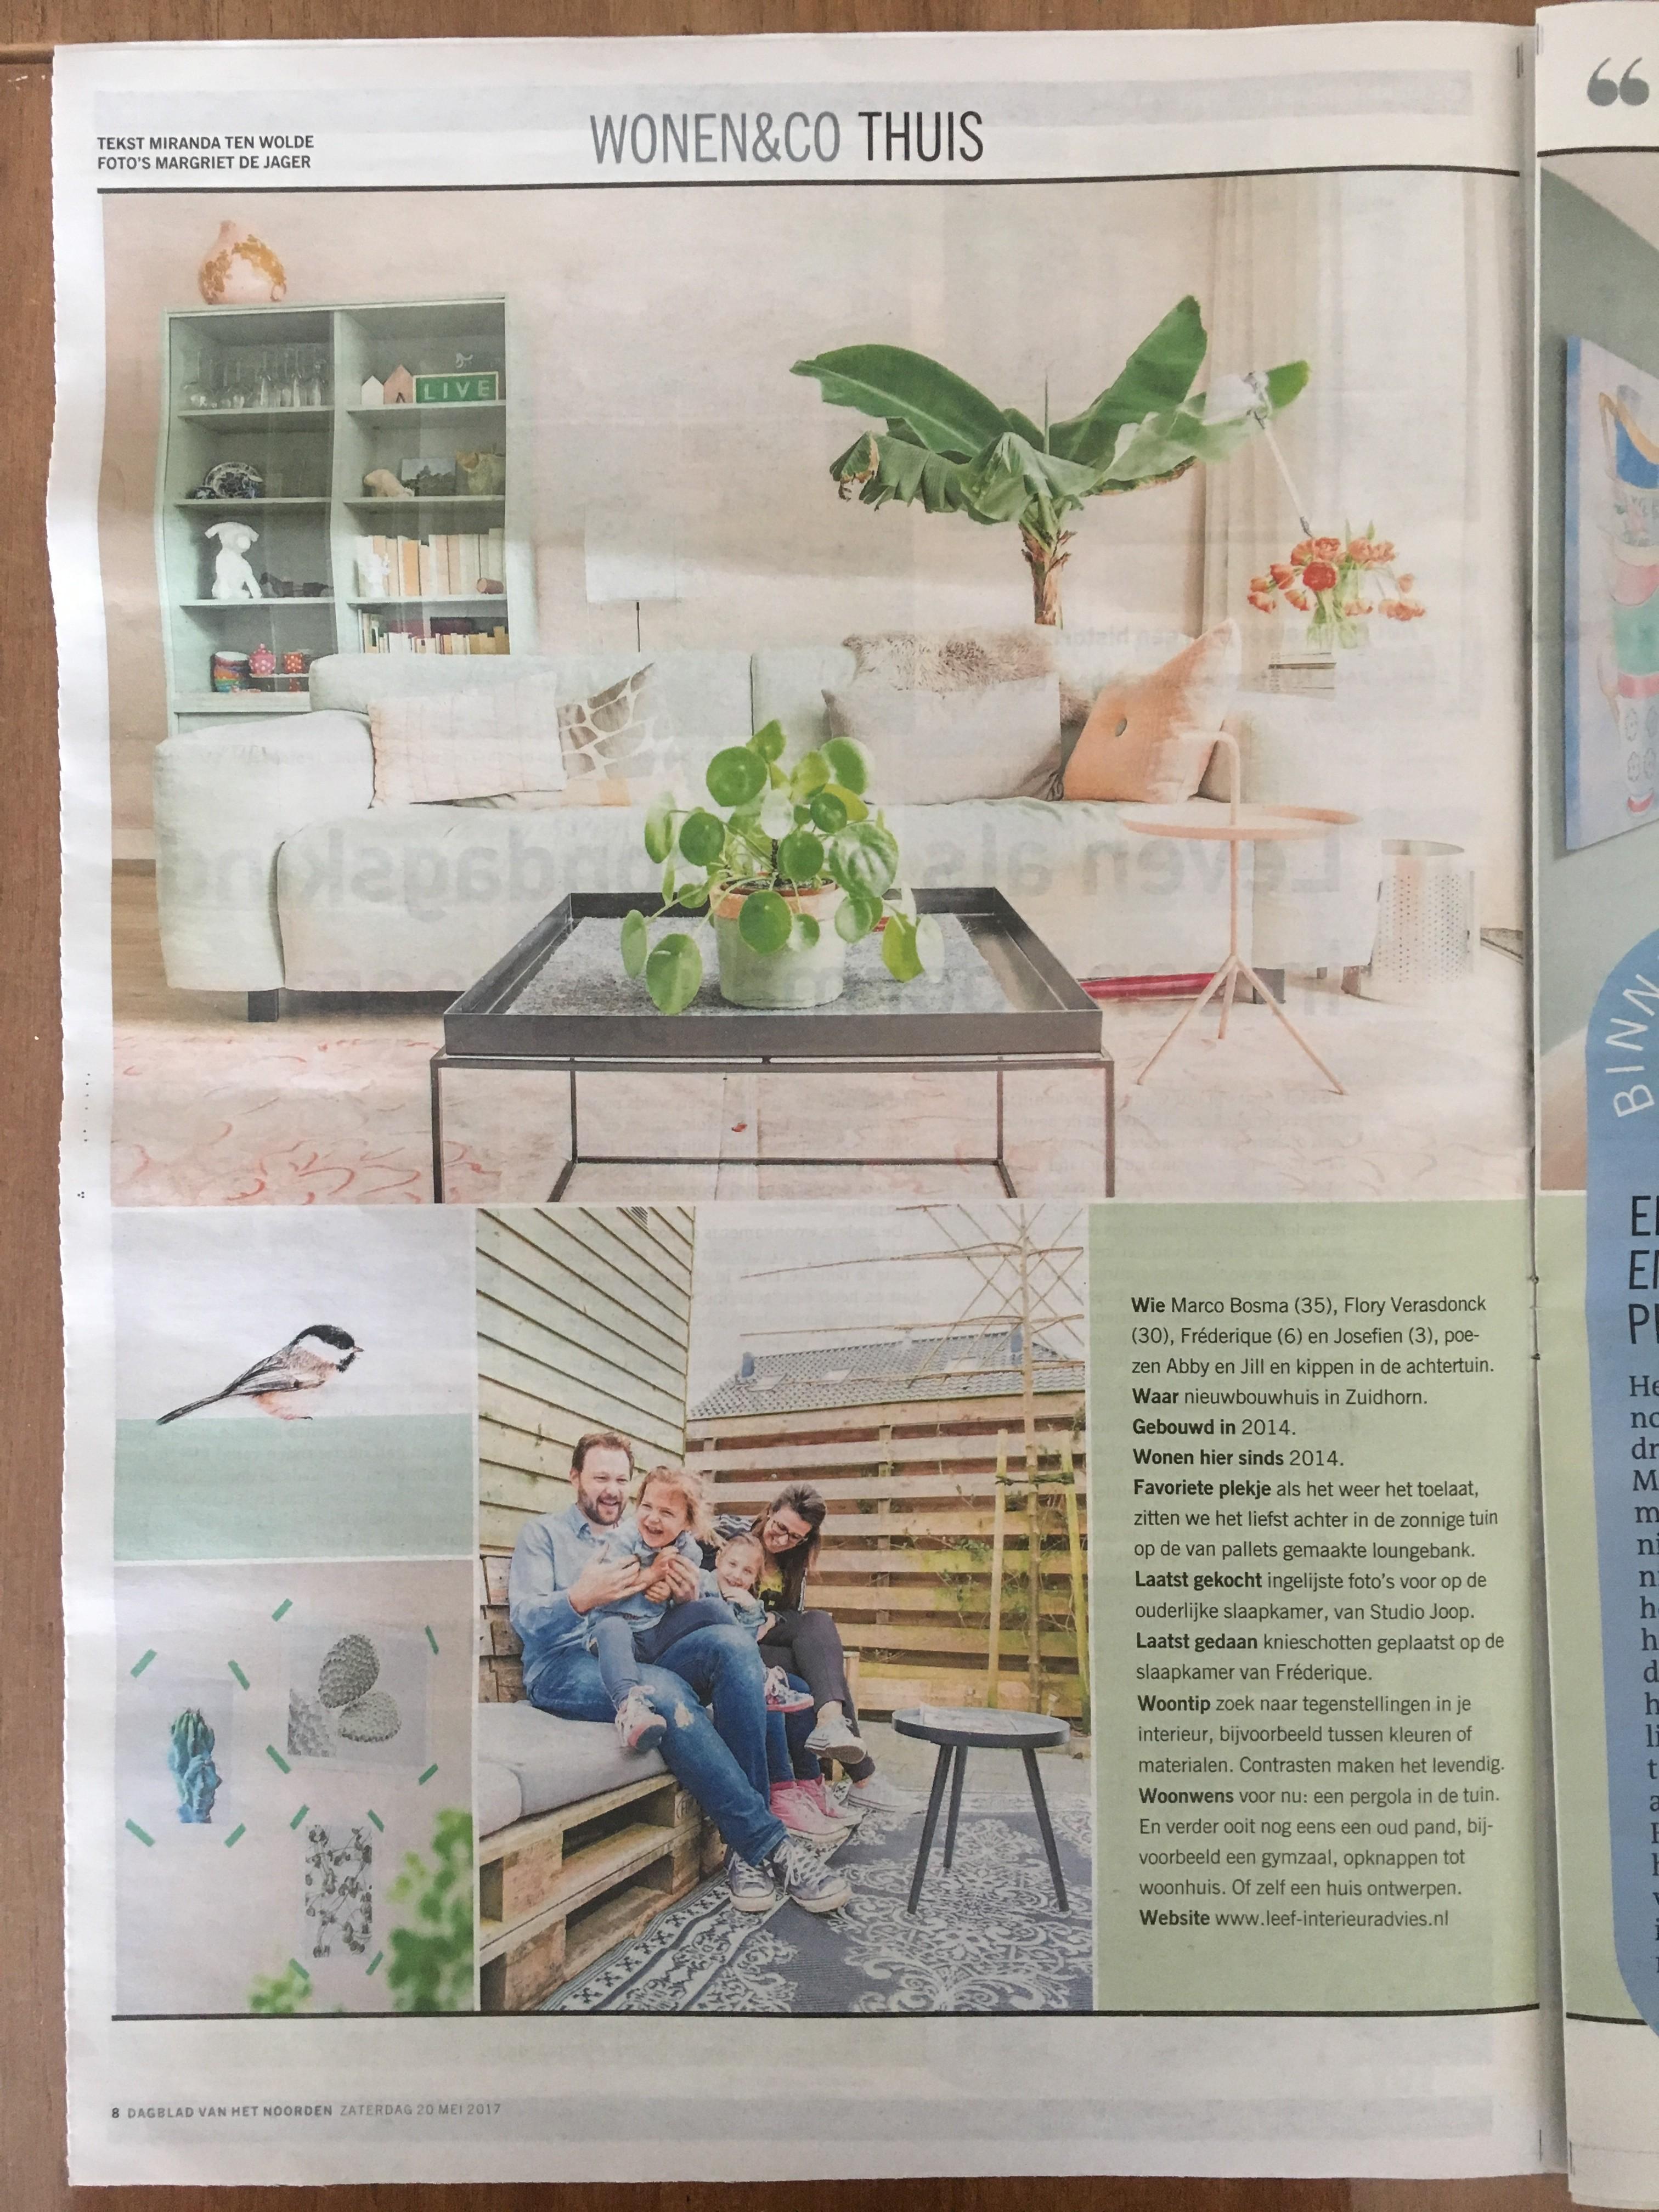 Wonen & Co (pagina 1) Dagblad van het Noorden / Leeuwarder Courant , zaterdag 20 mei 2017